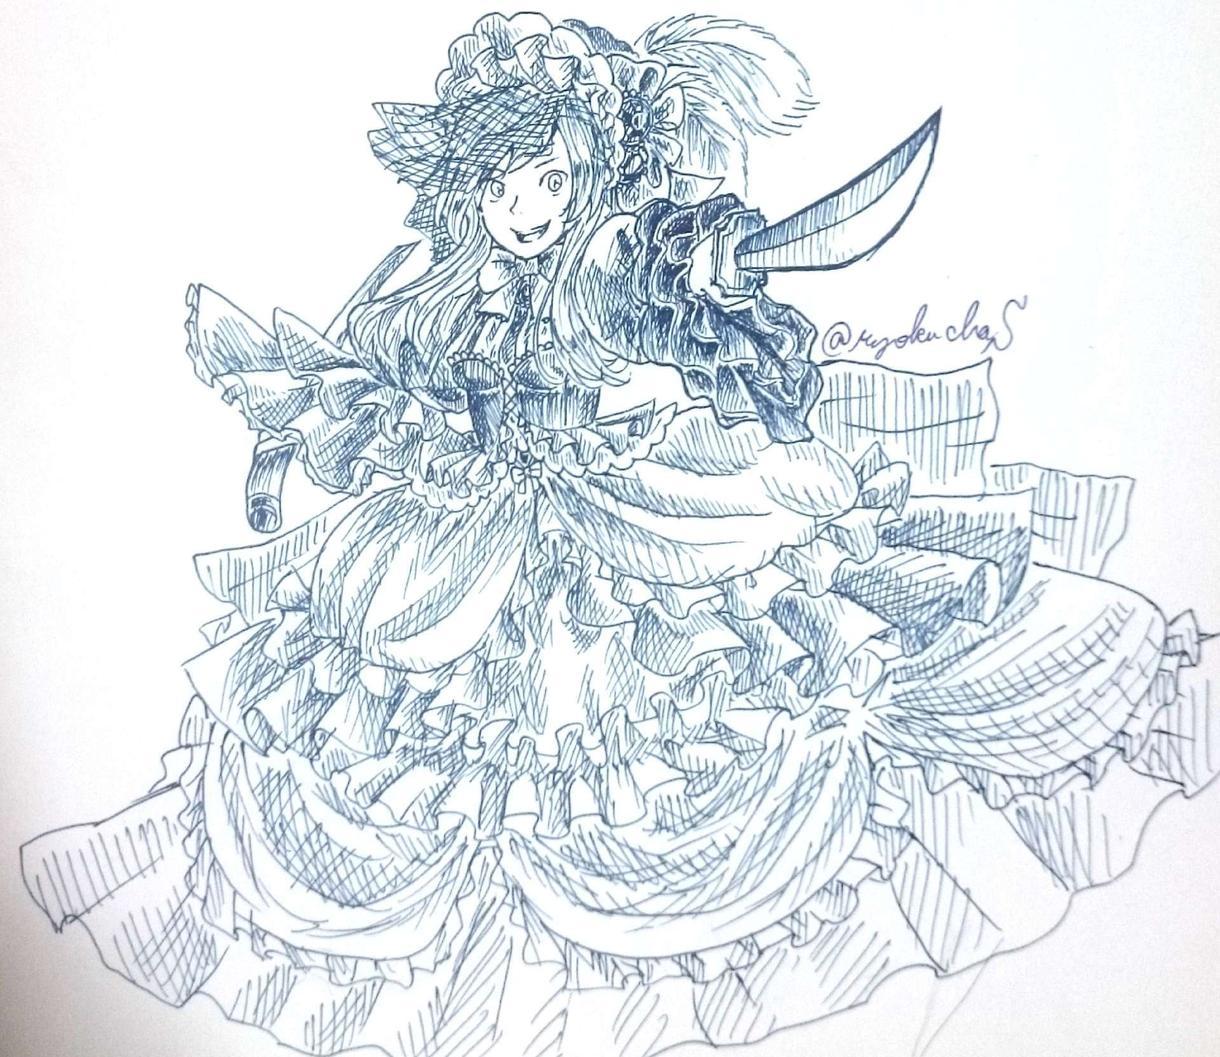 童話調白黒絵のキャラ絵描きます 細かな描き込みで童話のような雰囲気